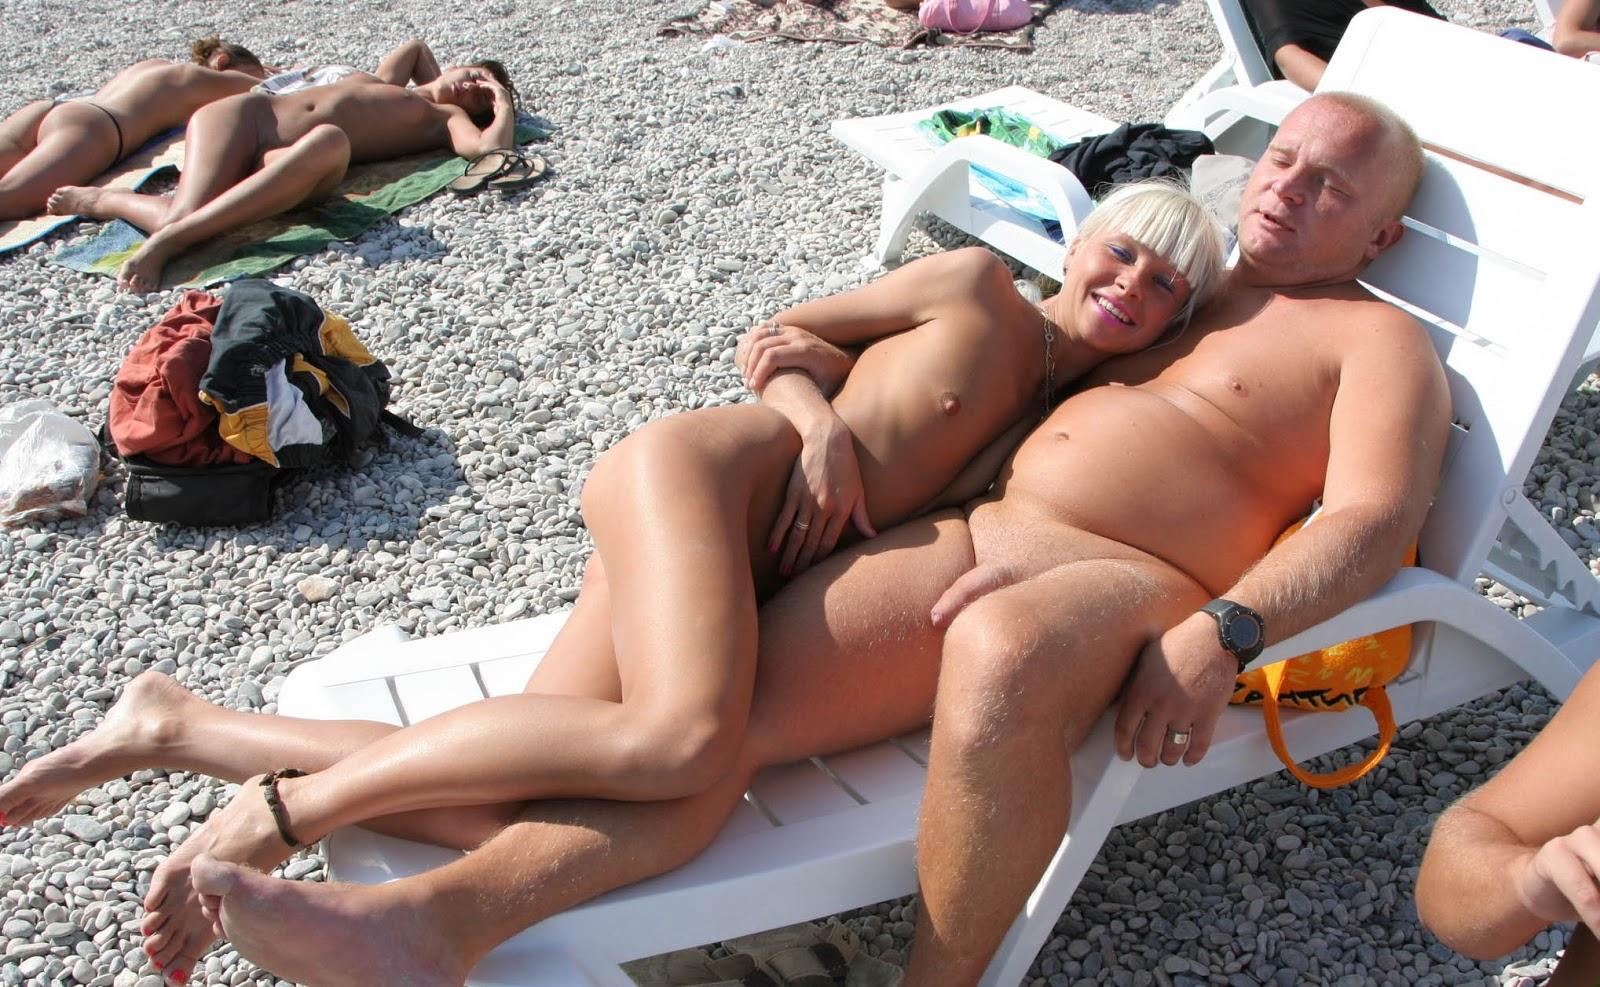 Nudist voyeur pics quite